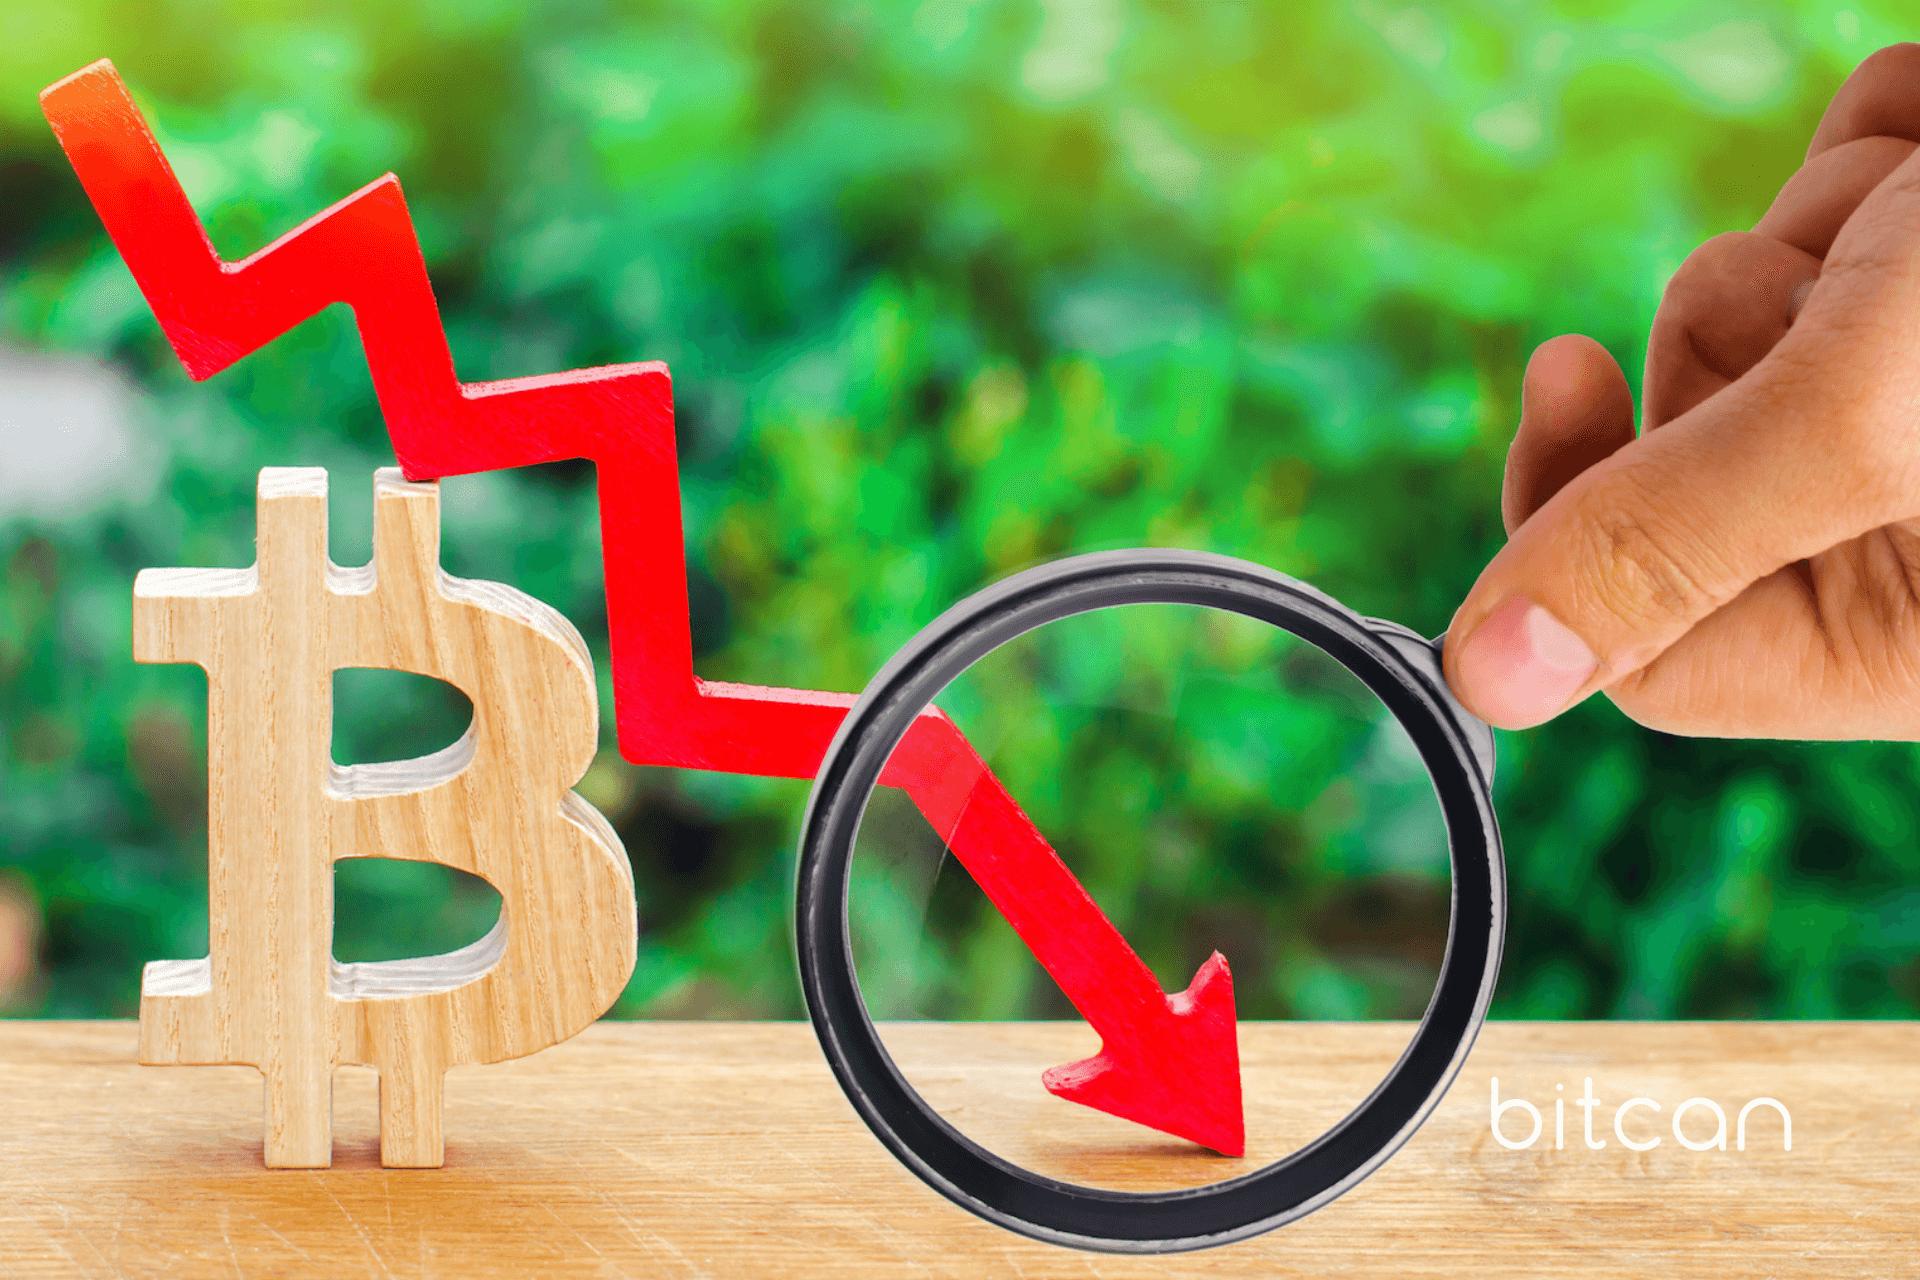 Bitcoin znalazł się w ważnym miejscu. Elon Musk wywołał korektę BTC